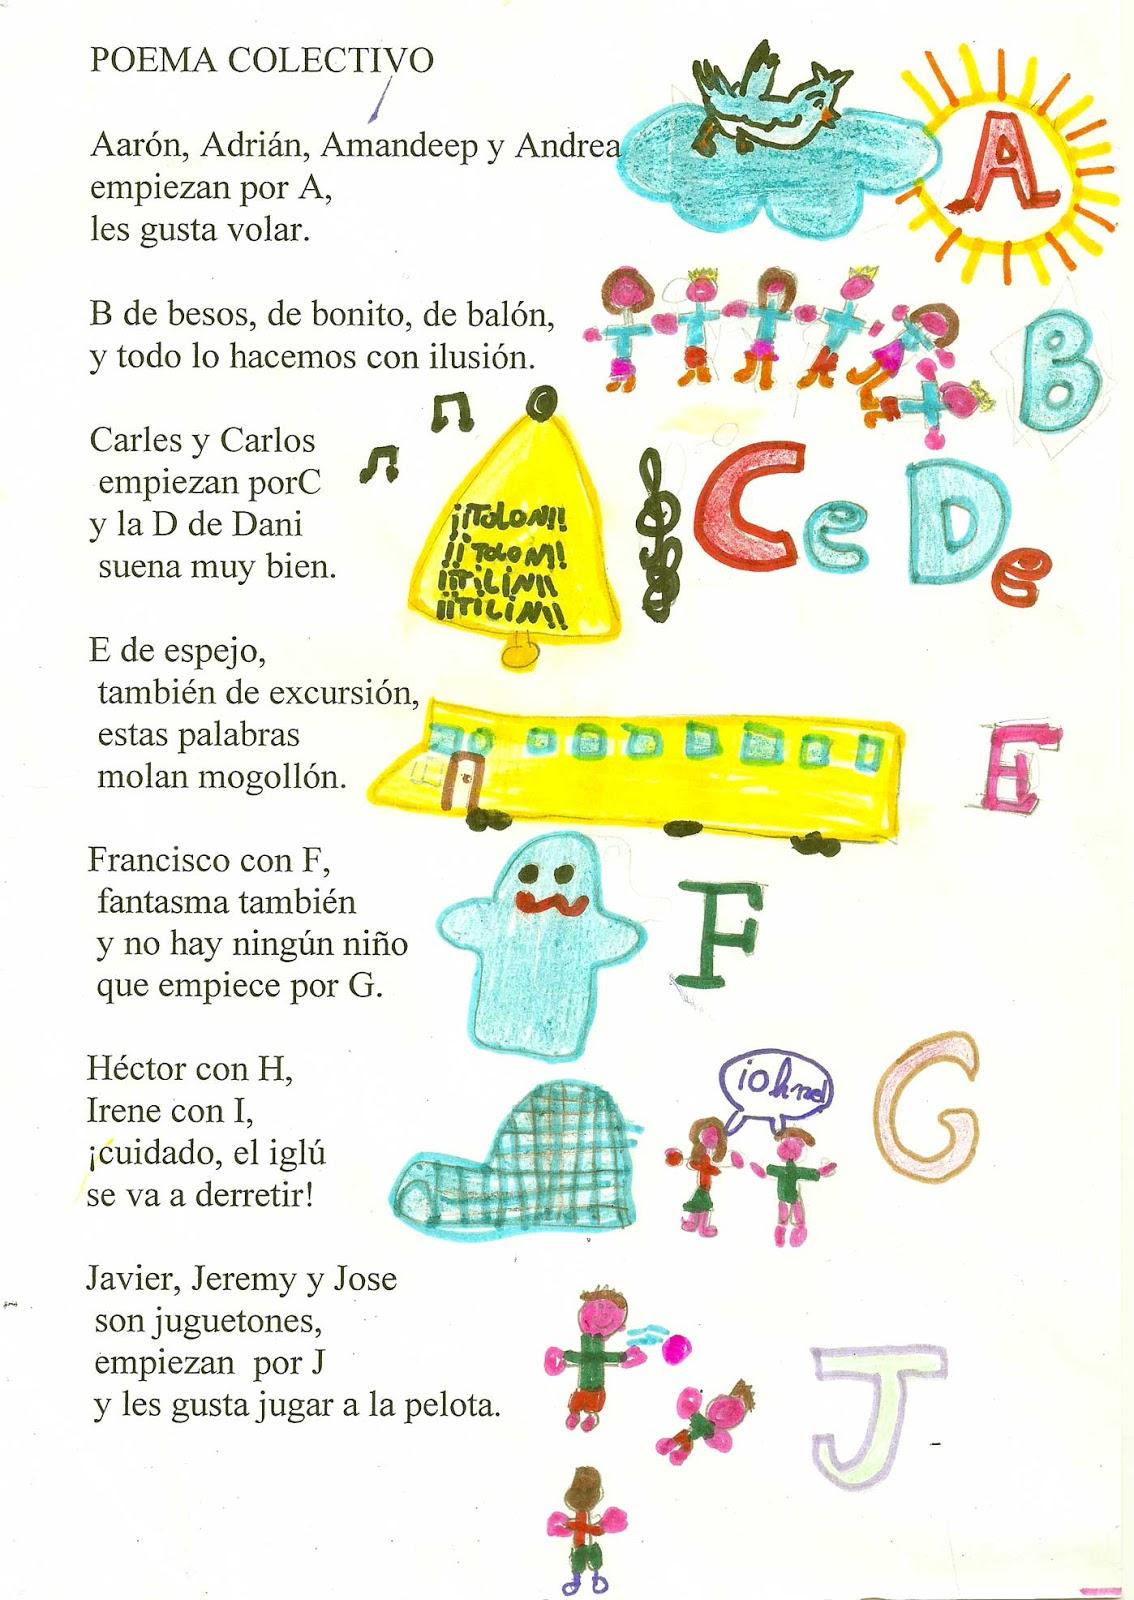 Poesia Para Colegios Por Su Aniversario | MEJOR CONJUNTO DE FRASES